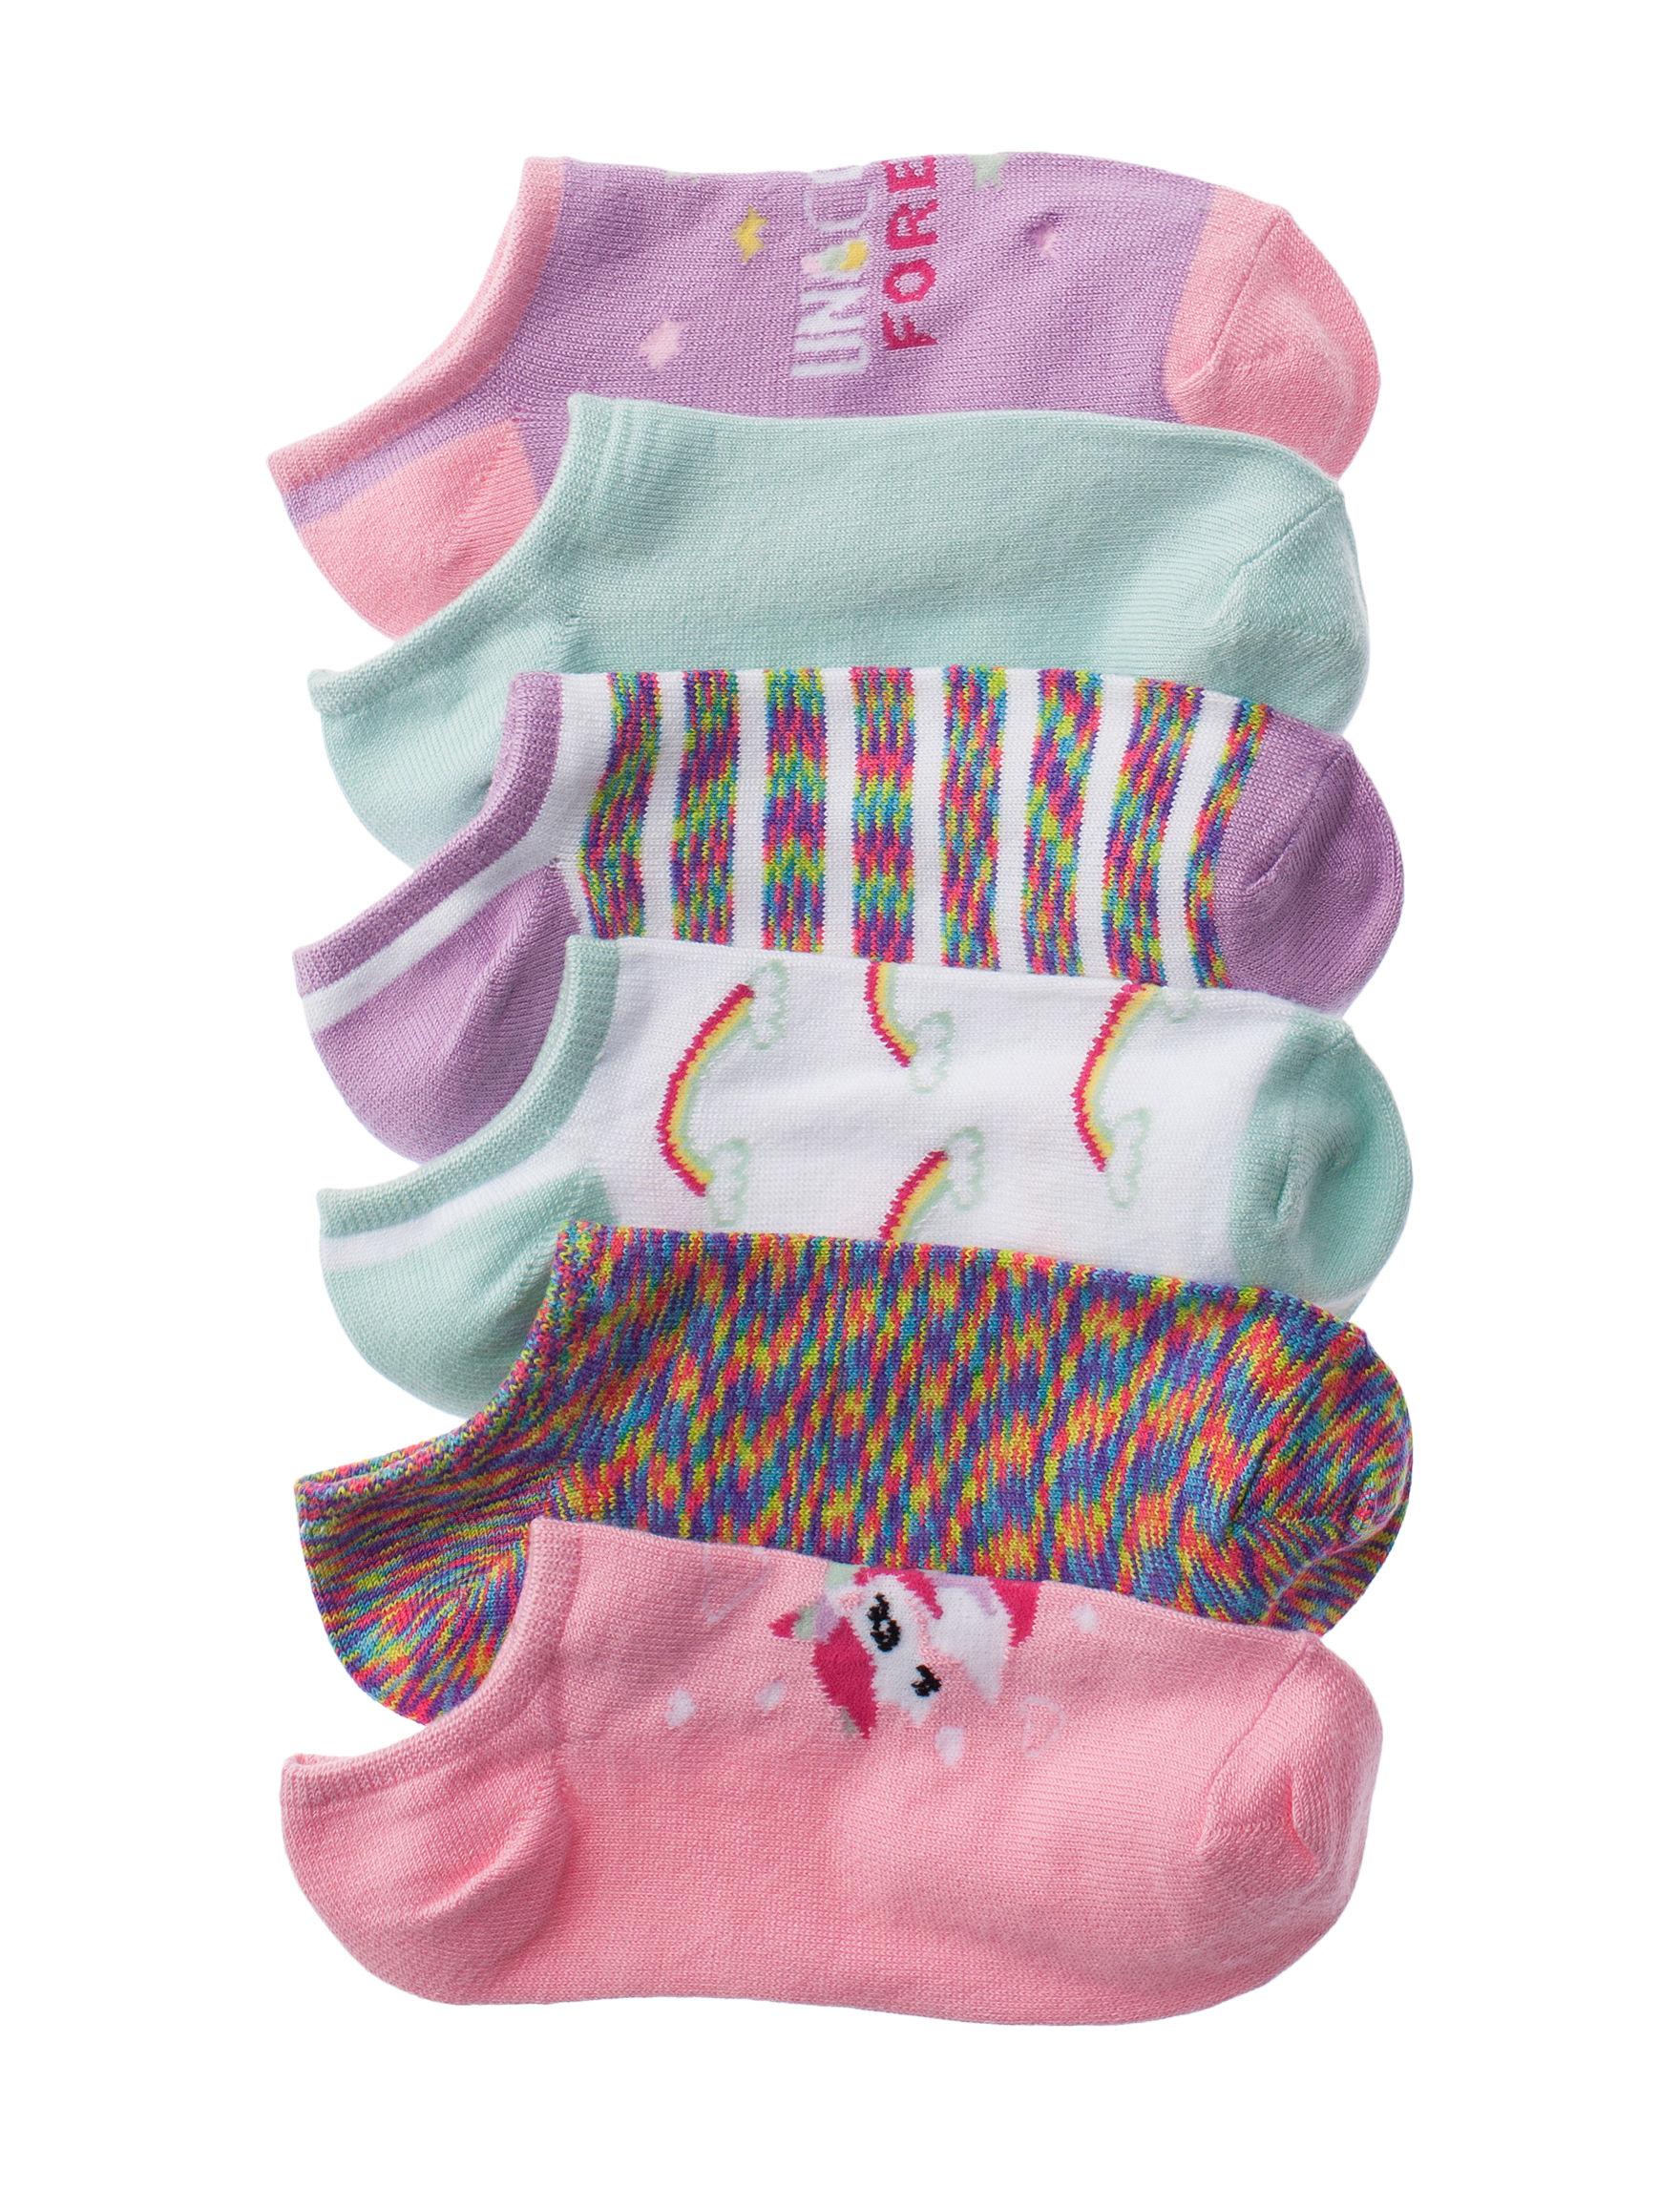 Capelli Multi Color Socks